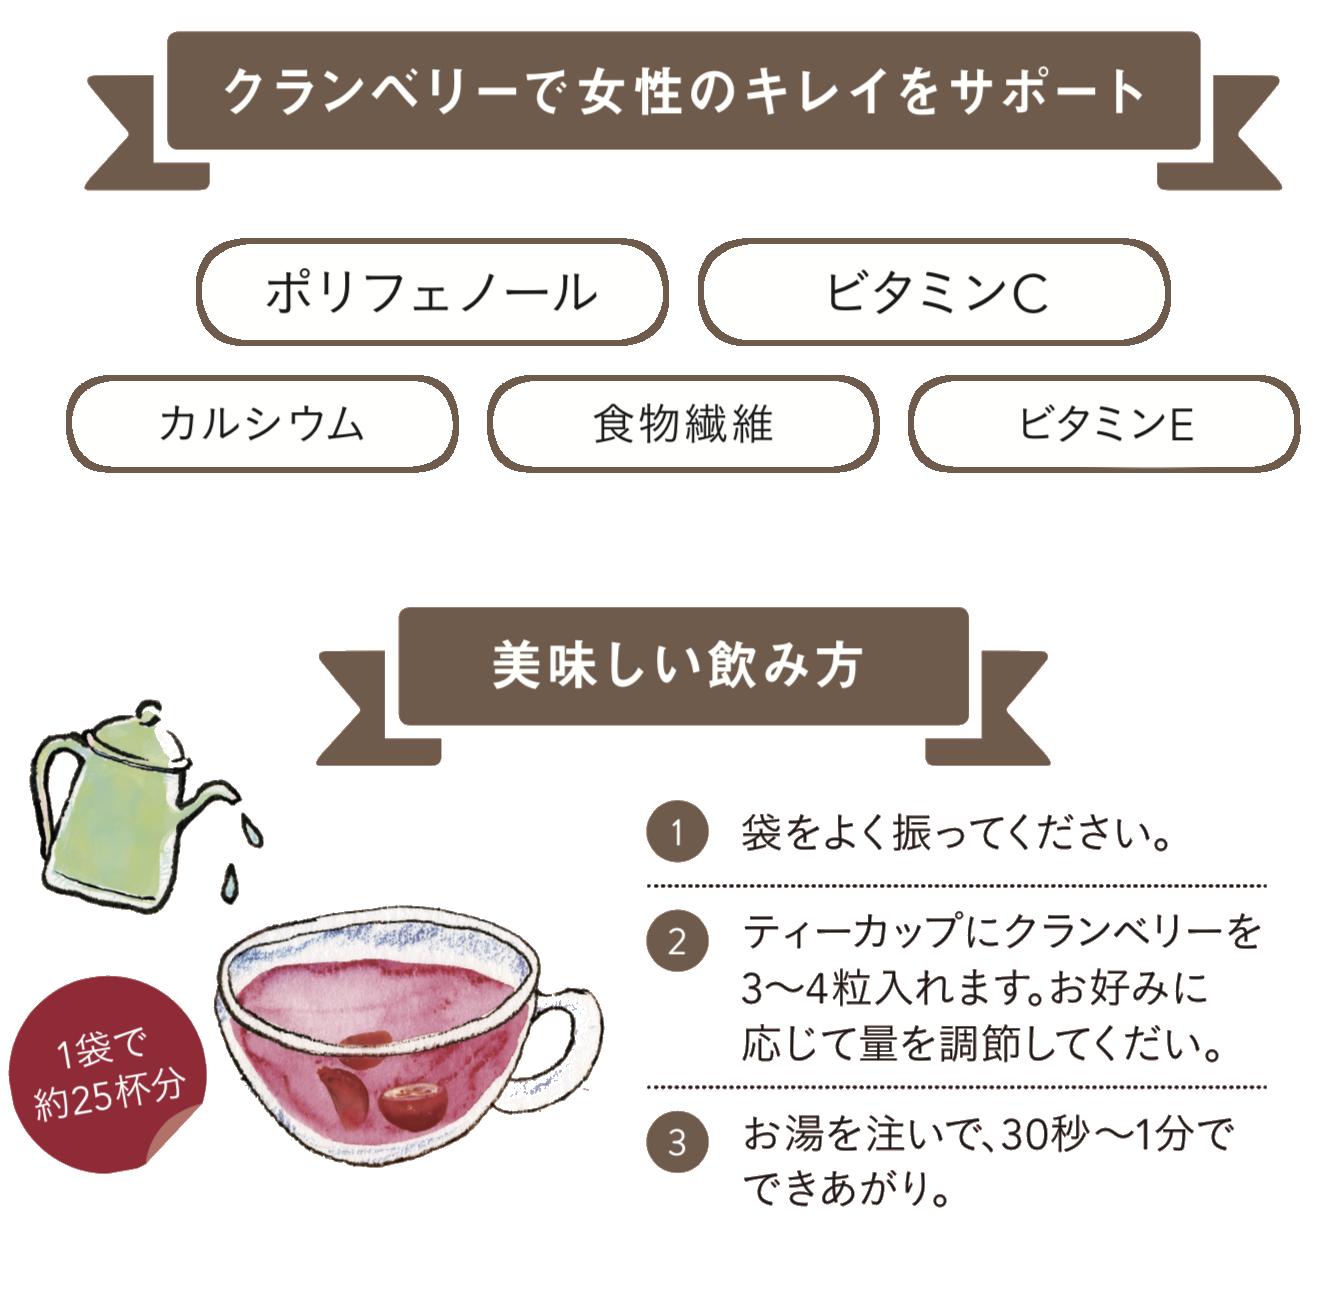 ポリフェノール カルシウム 食物繊維ビタミンC ビタミンE  美味しい飲み方1 袋をよく振ってください。2 ティーカップにクランベリーを 3~4粒入れます。お好みに 応じて量を調節してくだい。3 お湯を注いで、30秒~1分で できあがり。